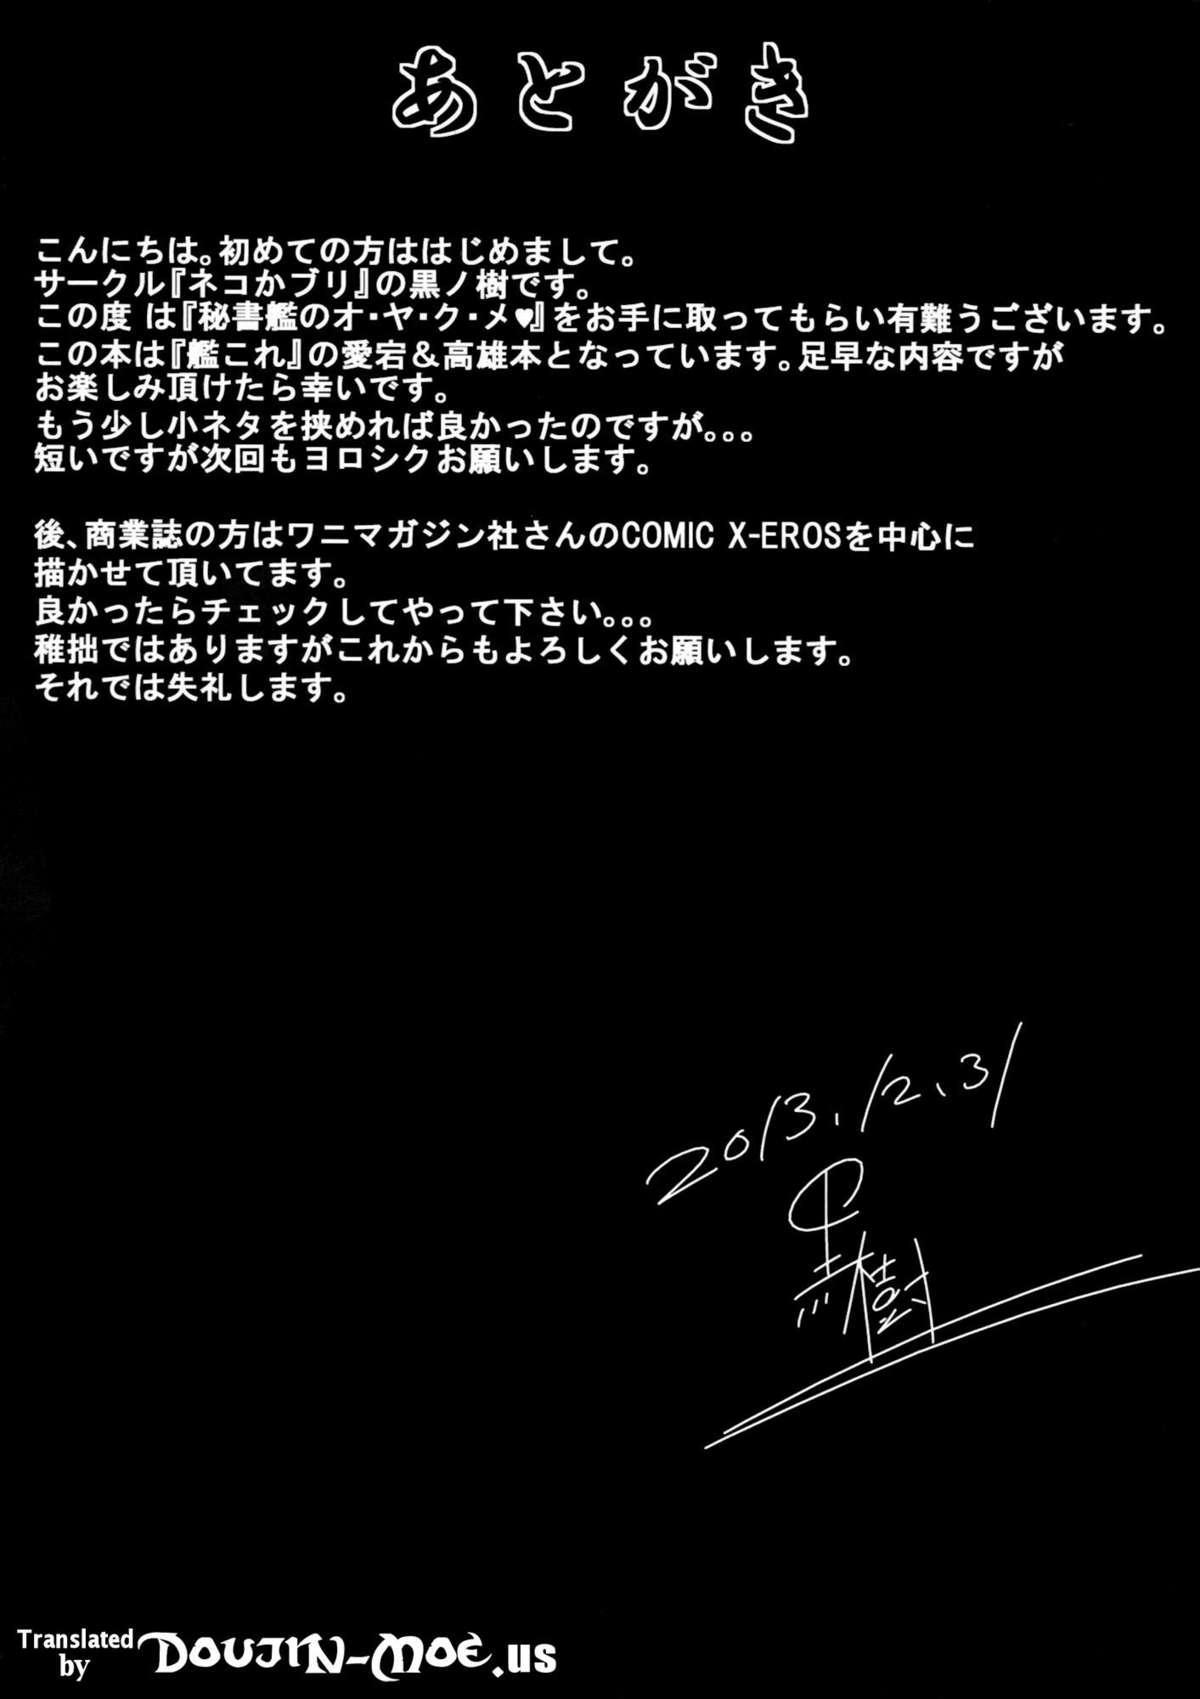 (C85) [Nekokaburi (Kuro no Miki)] Hisho Kan no O.YA.KU.ME | Secretary Ship's D-U-T-Y (Kantai Collection) [English] {doujin-moe.us} 23